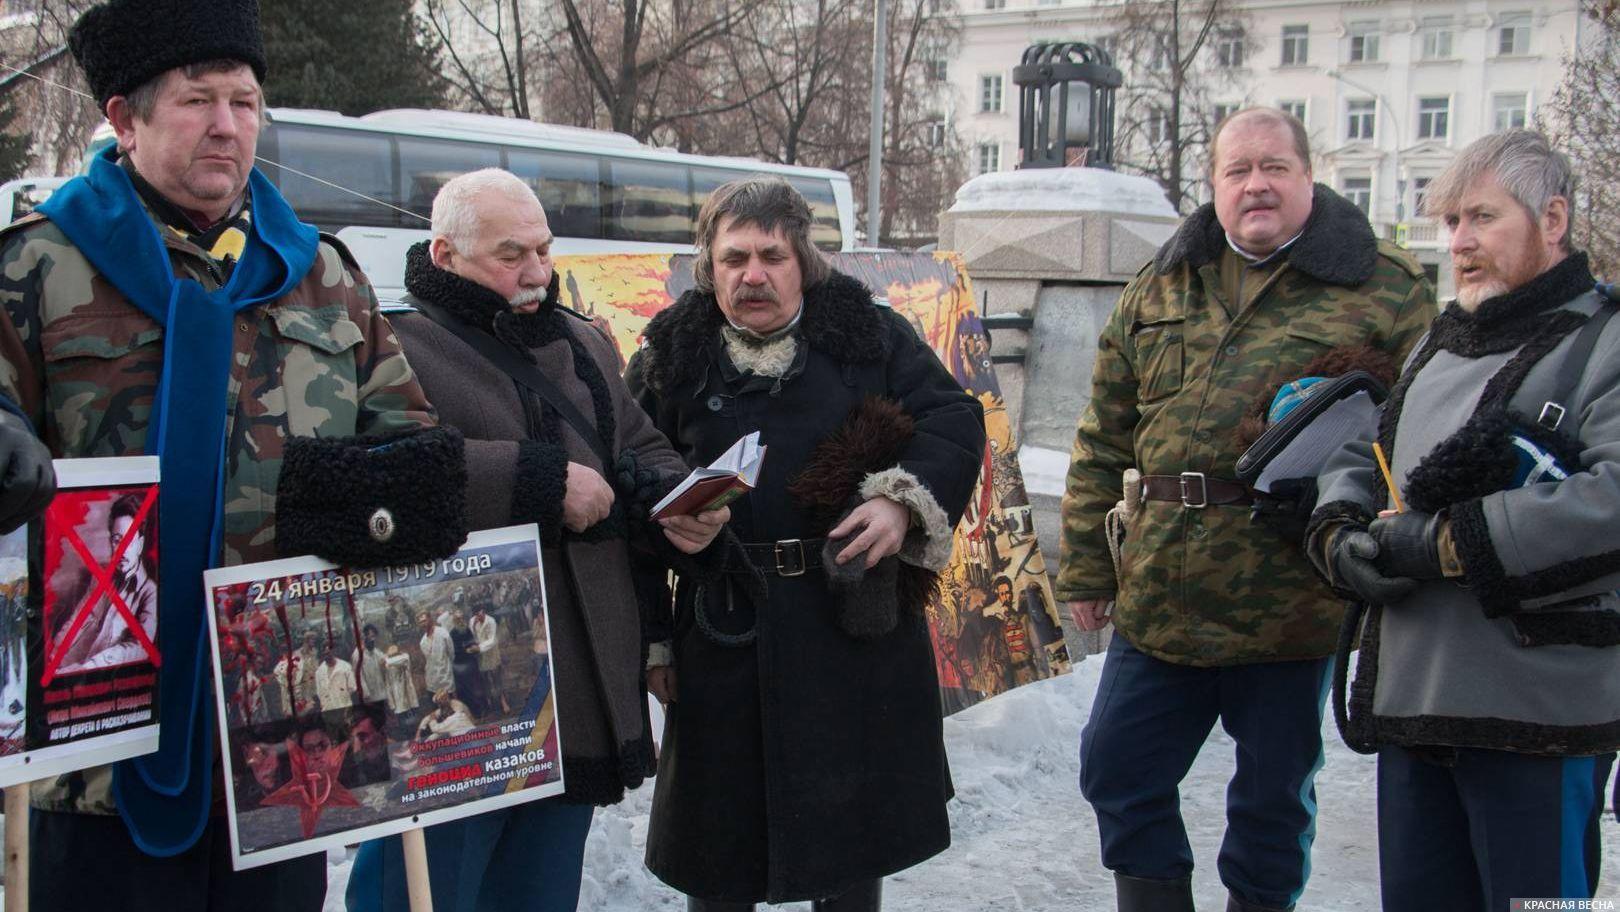 Пикет за переименование Свердловской области. Екатеринбург. 27.01.2018